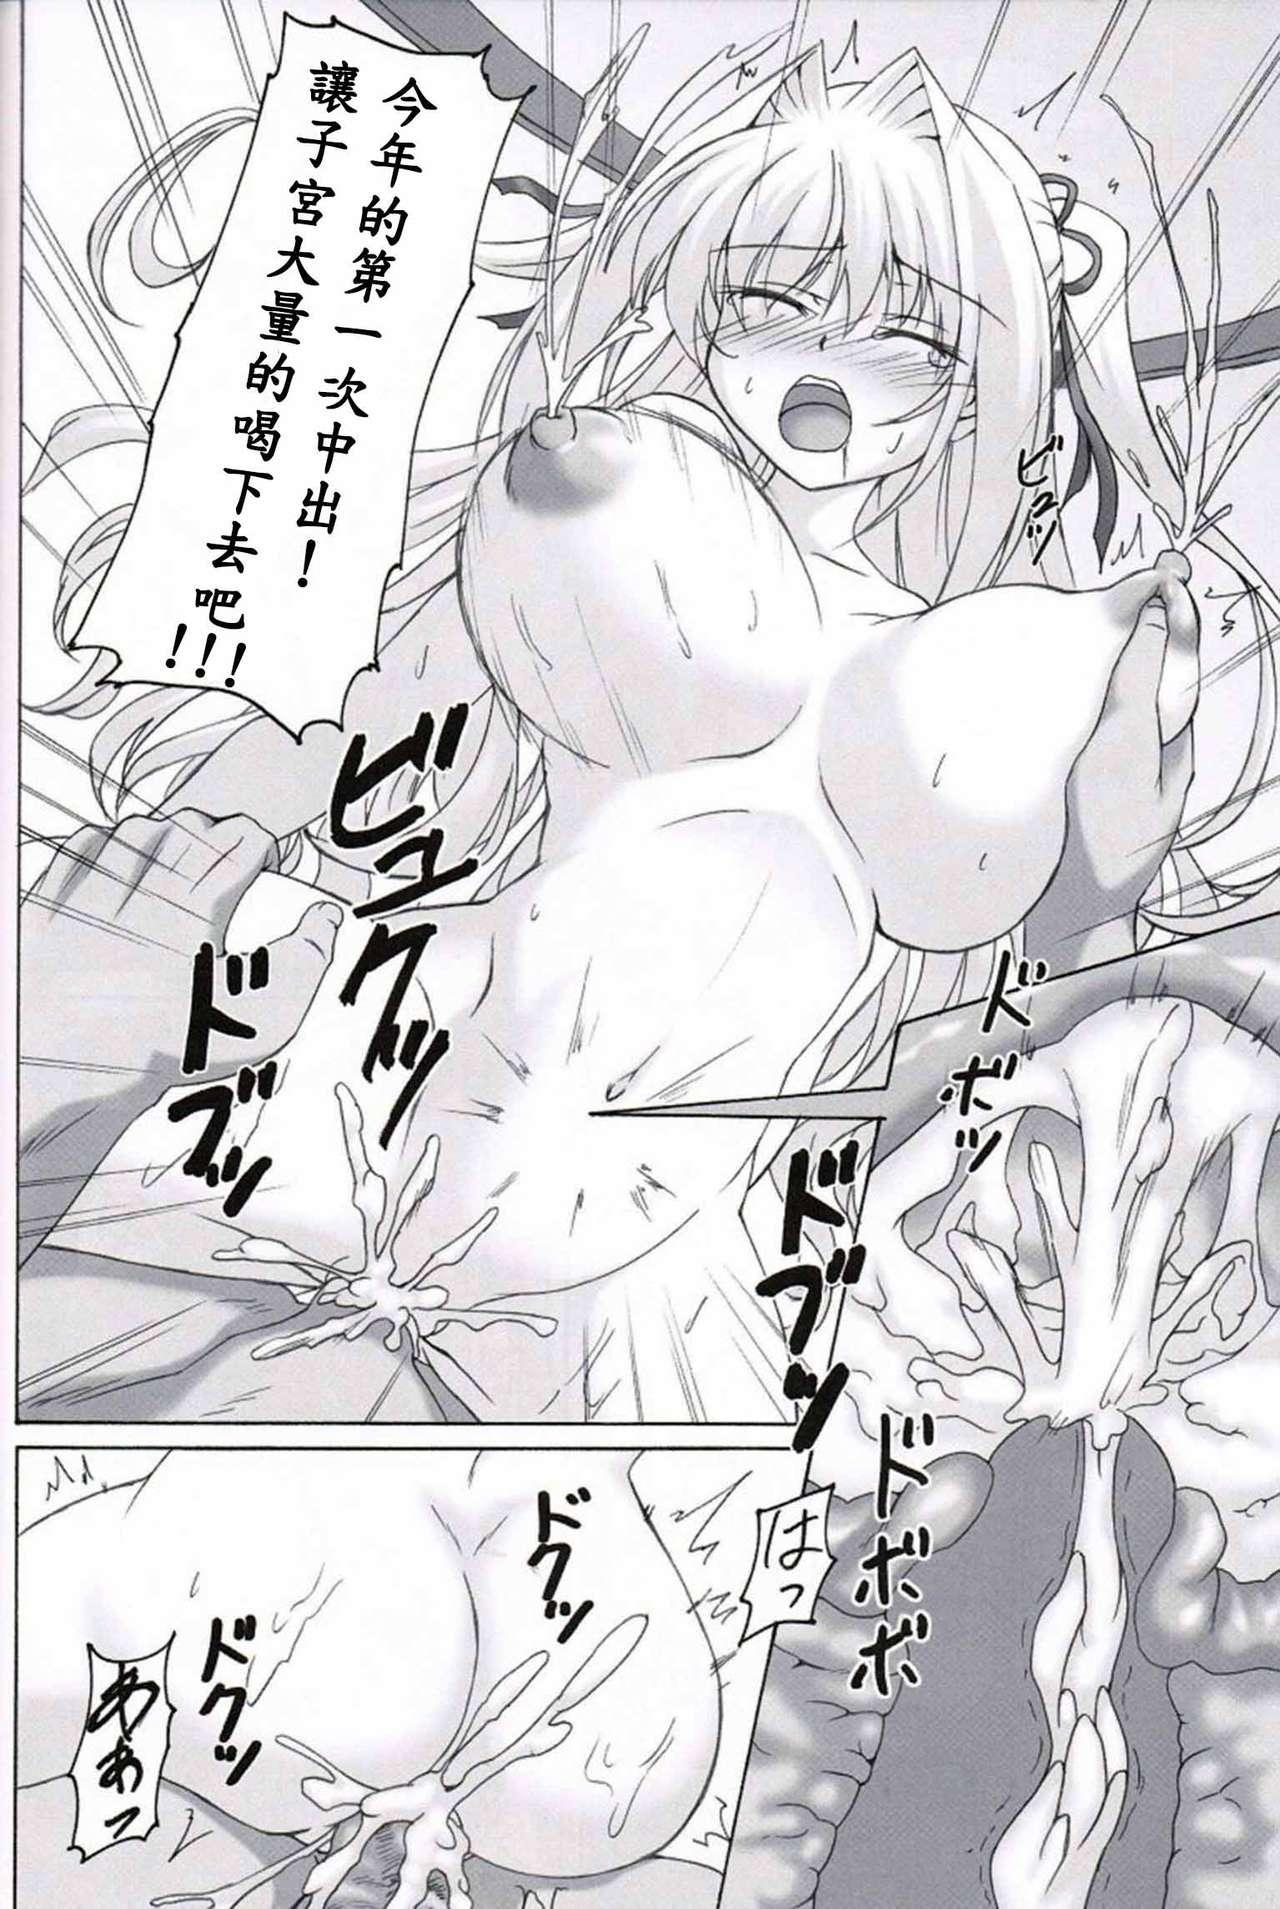 Sharuru no Himitsu 23